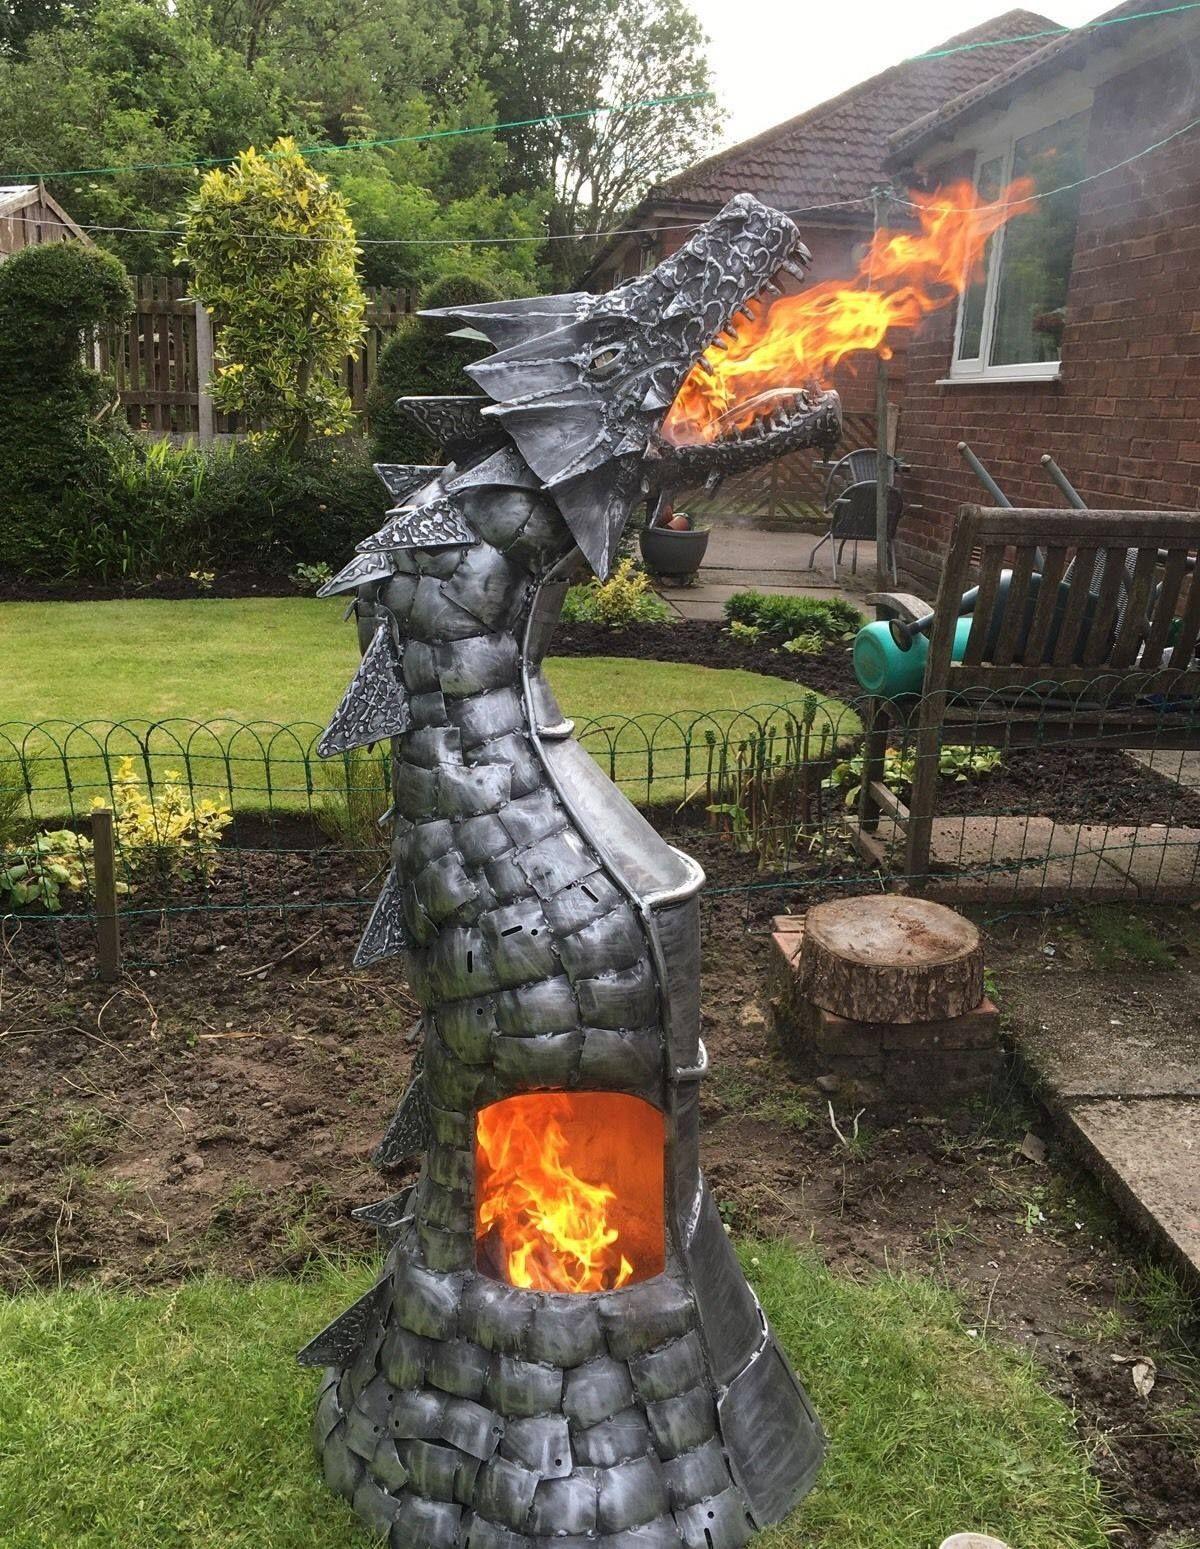 Pin By G Man On Dragons Backyard Metal Fire Pit Fire Pit Designs